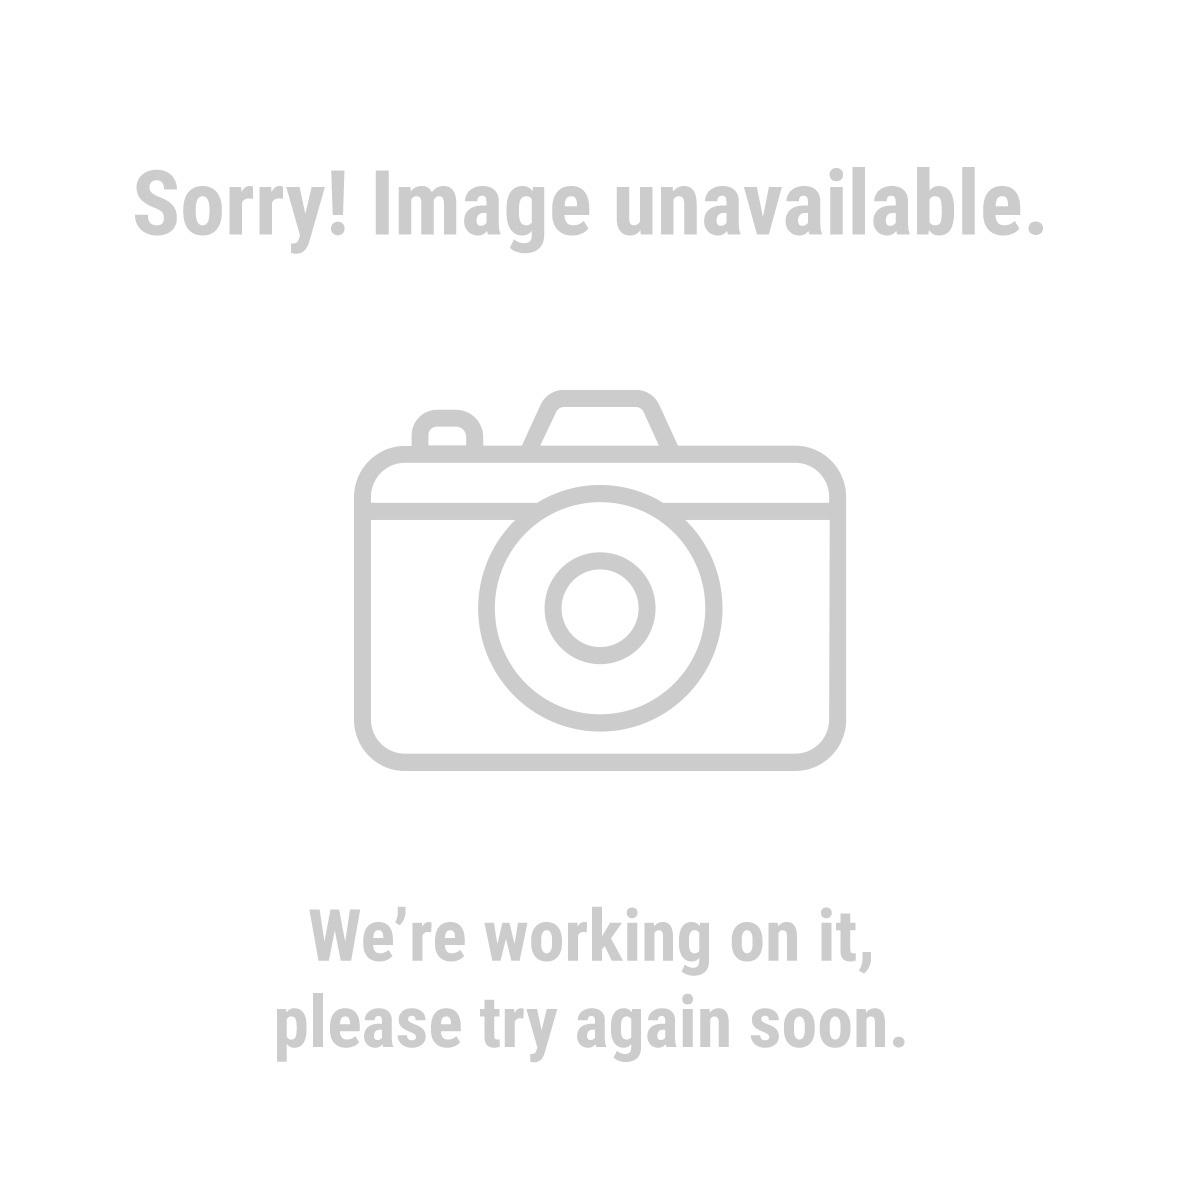 Chicago Electric Welding 94841 Regulator Gauge